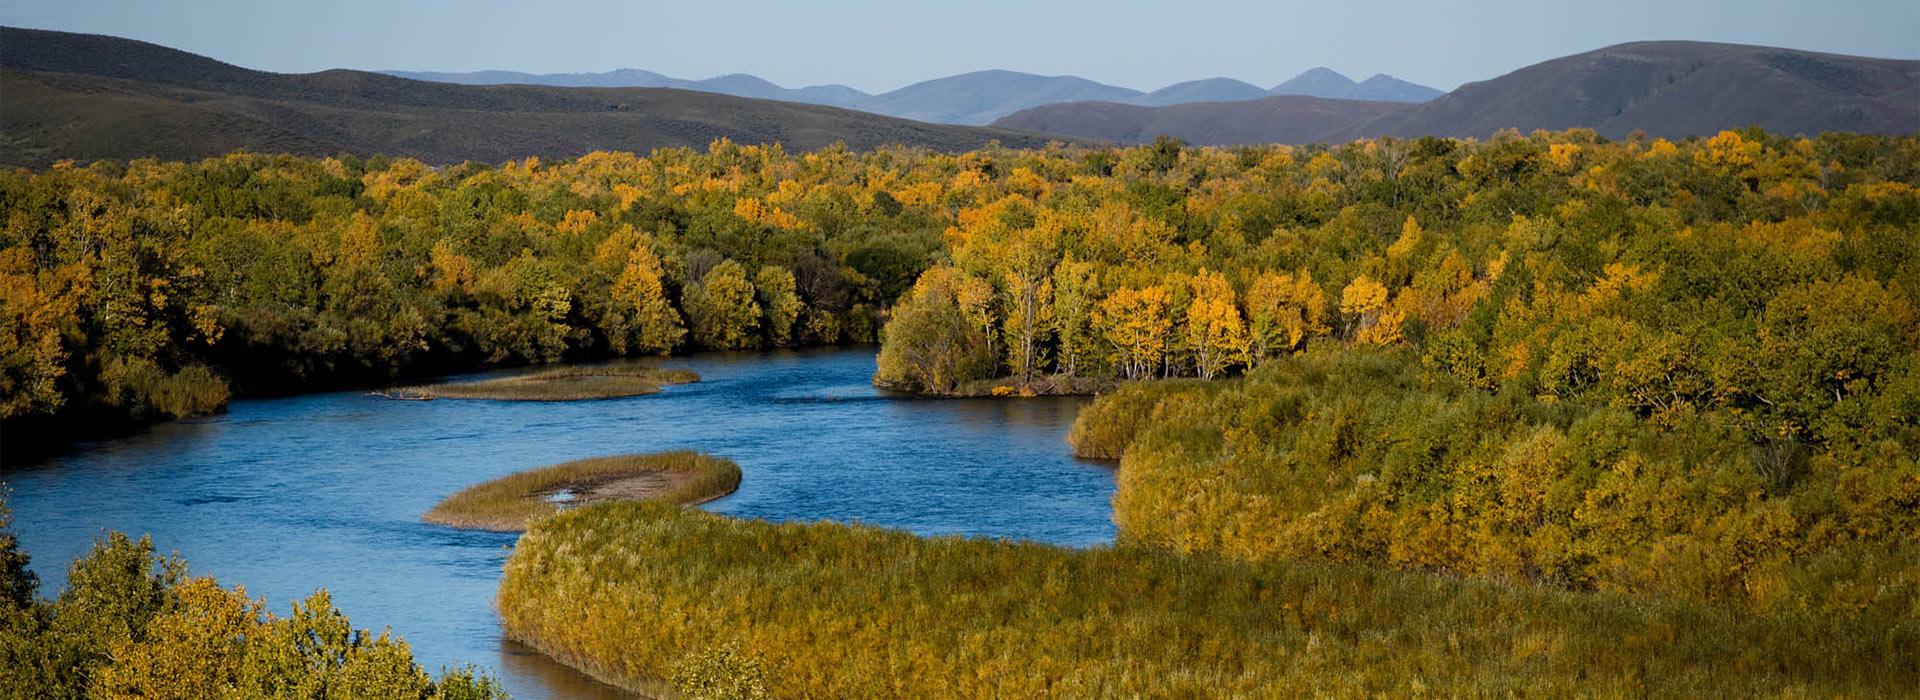 mongolian-river